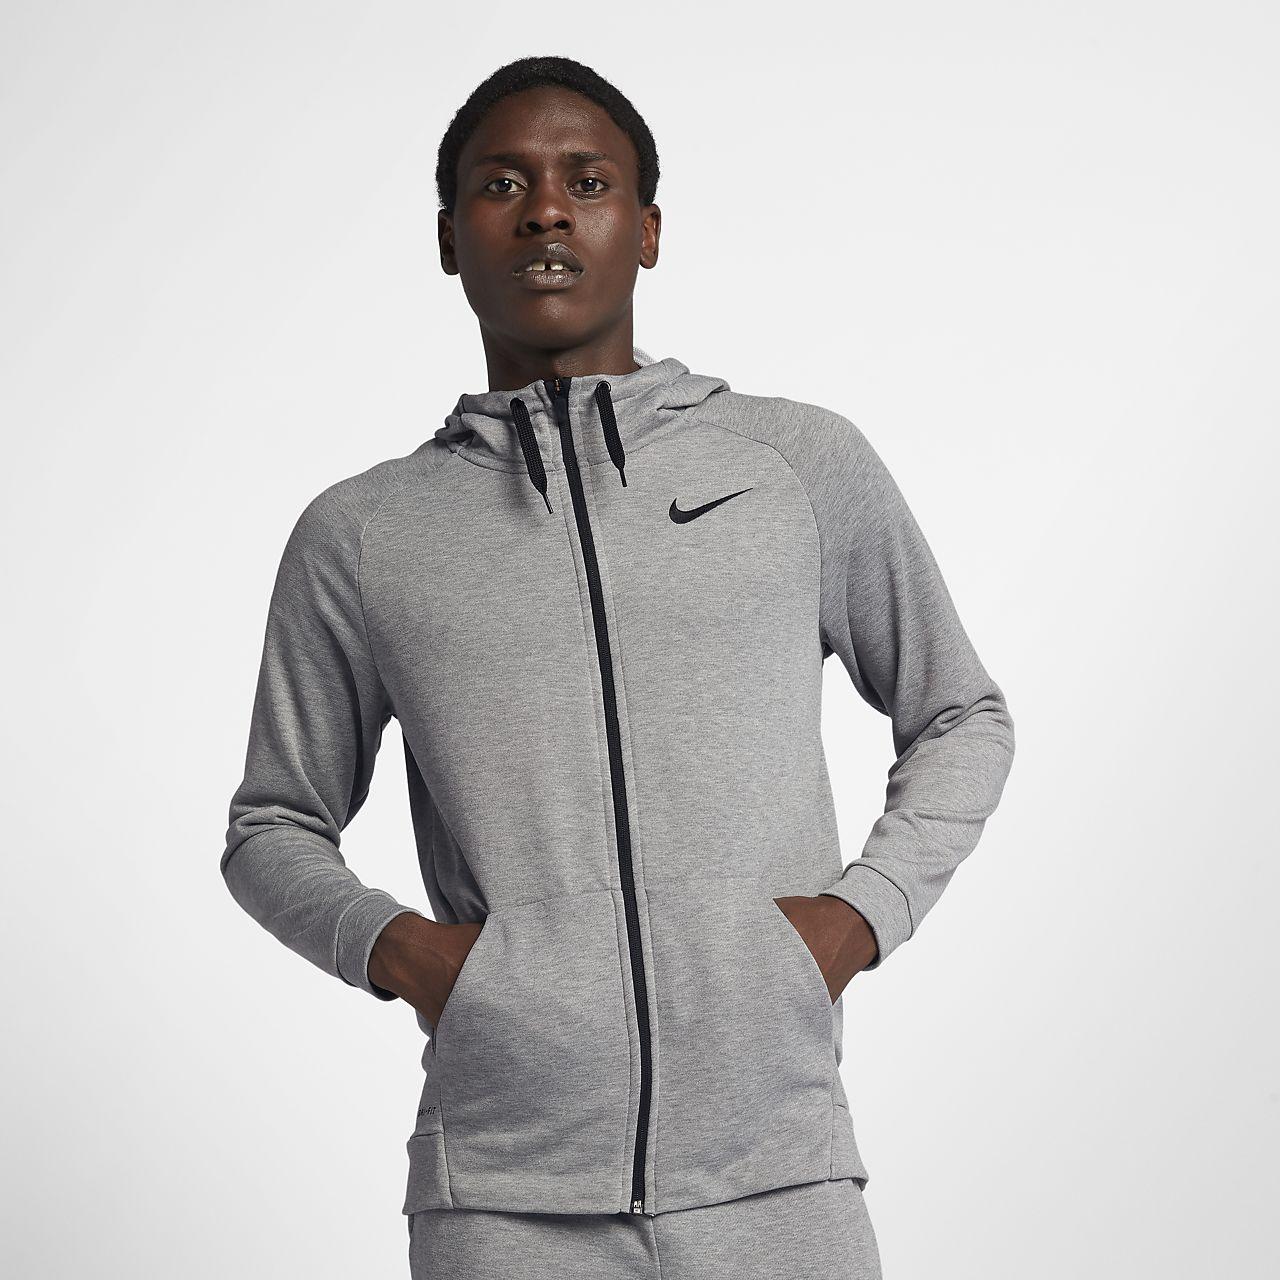 Nike Dri-FIT Sudadera de entrenamiento con capucha con cremallera completa - Hombre